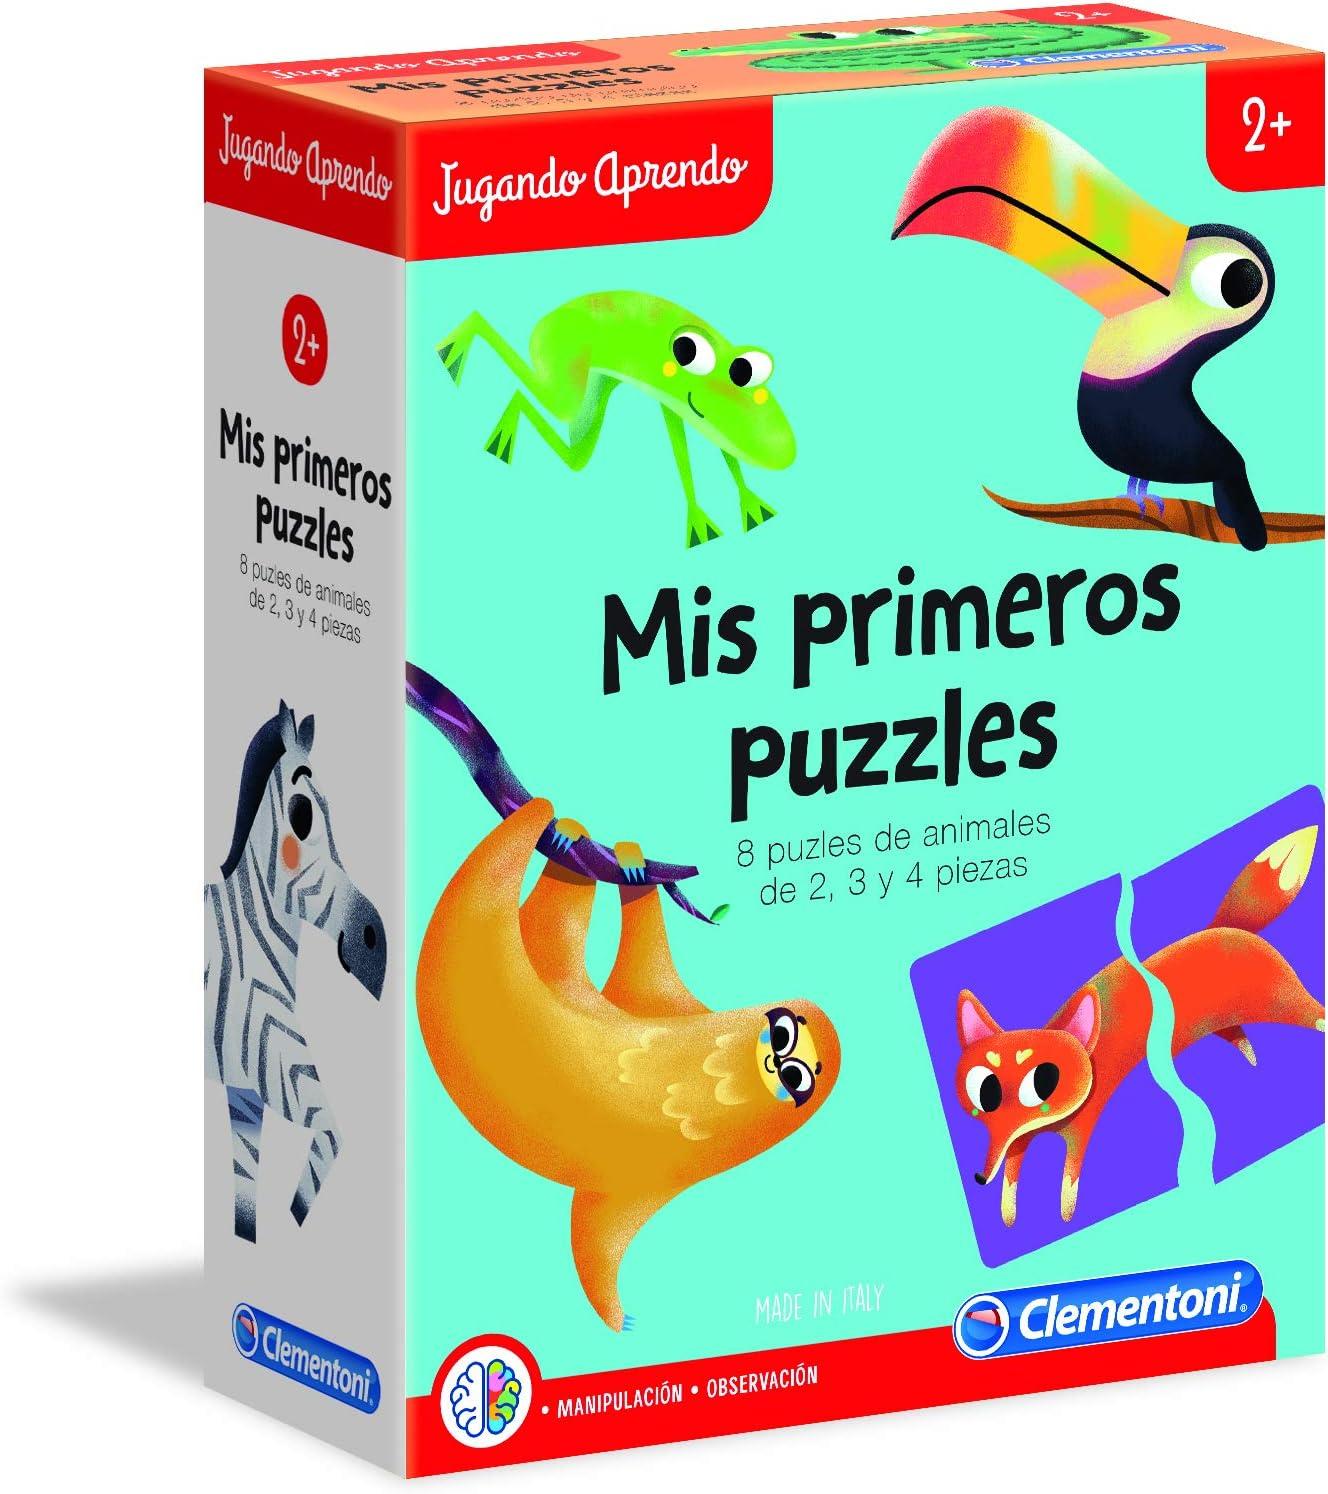 Clementoni - Juego Mis primeros puzzle (55313): Amazon.es ...